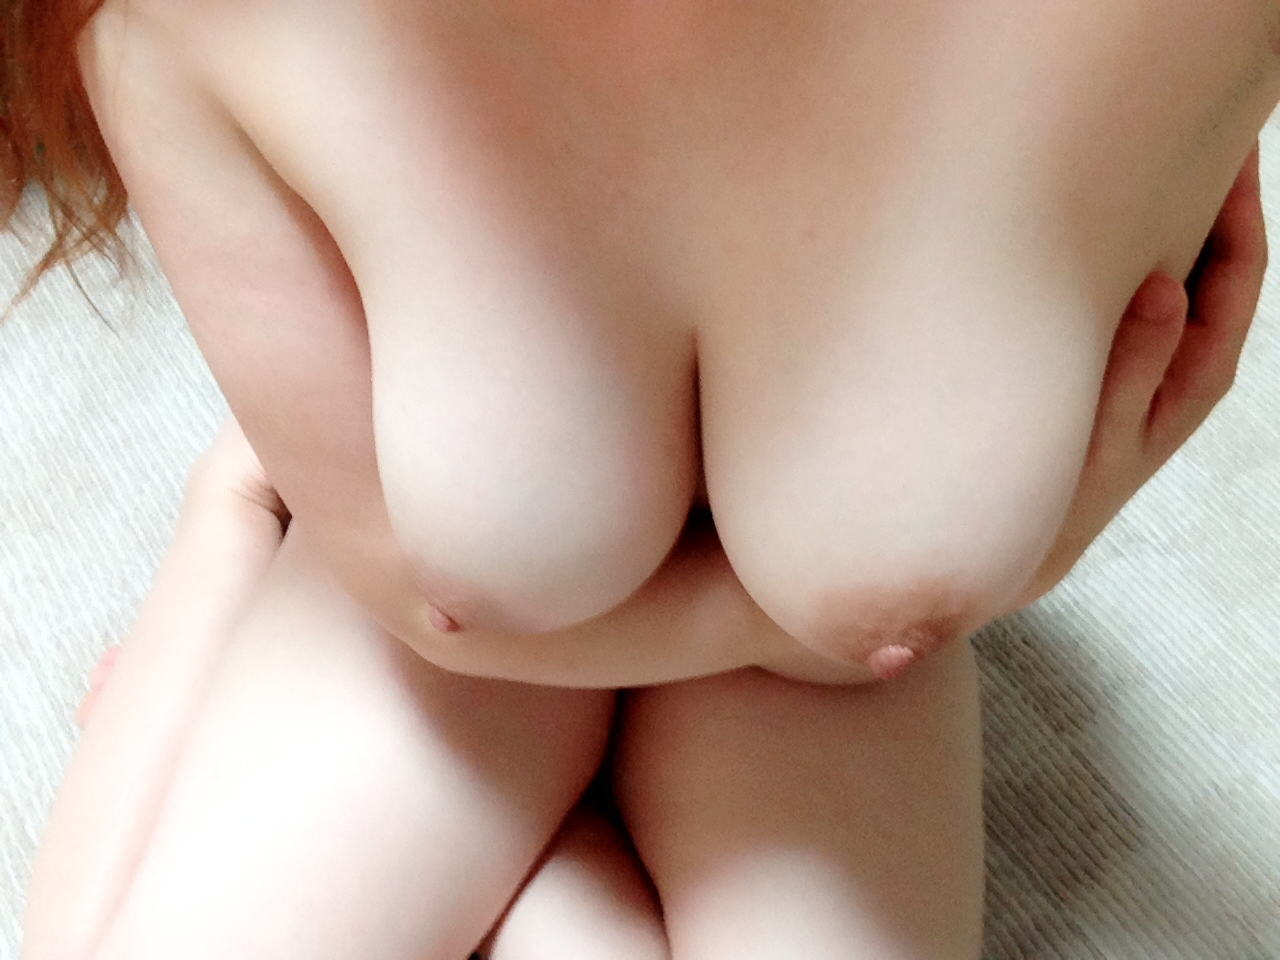 【寄せ乳エロ画像】パイズリに興味がない俺でもチンポ挟んで見たくなるおっぱいがコレwwwww その15